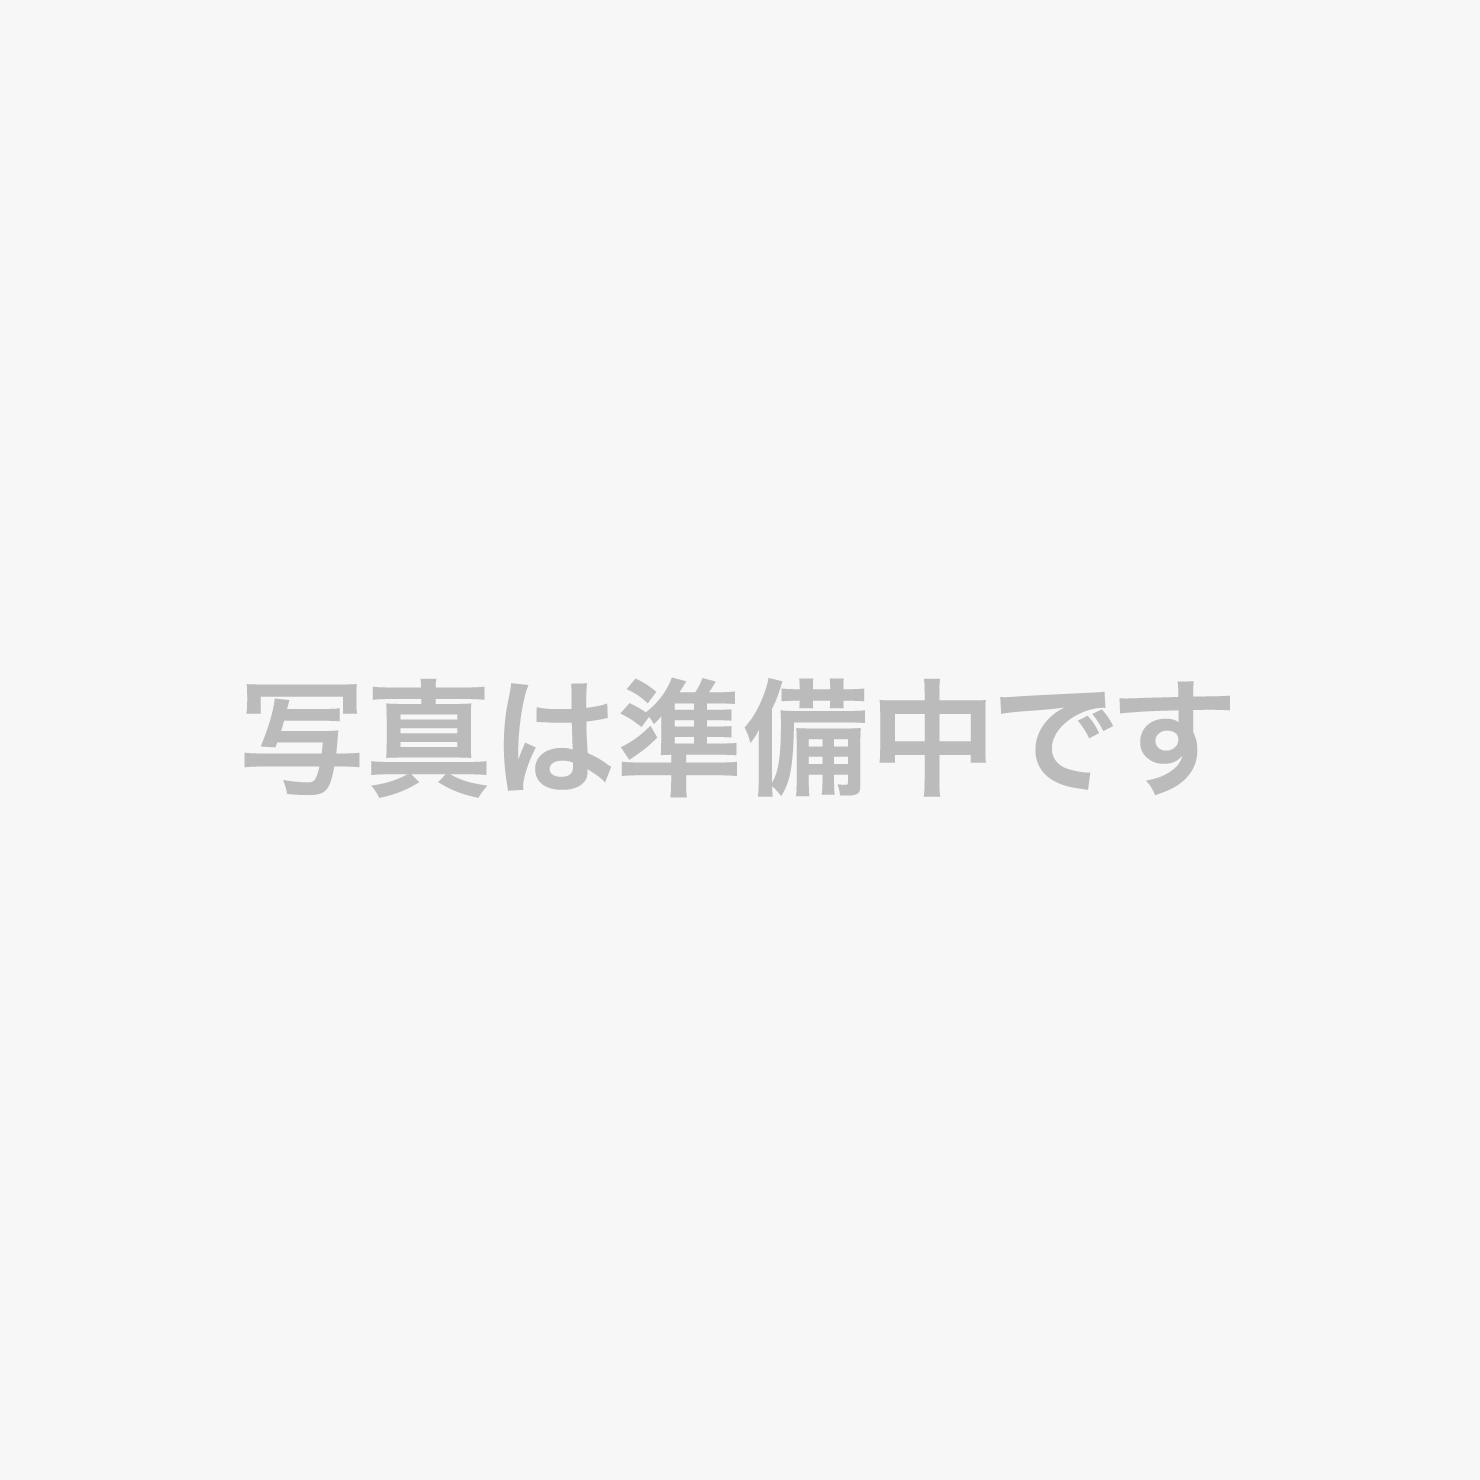 和室12.5畳+8畳+次の間+リビング源泉湯の宿 松乃井最高級客室バス・トイレ付(全室ウォシュレット付)